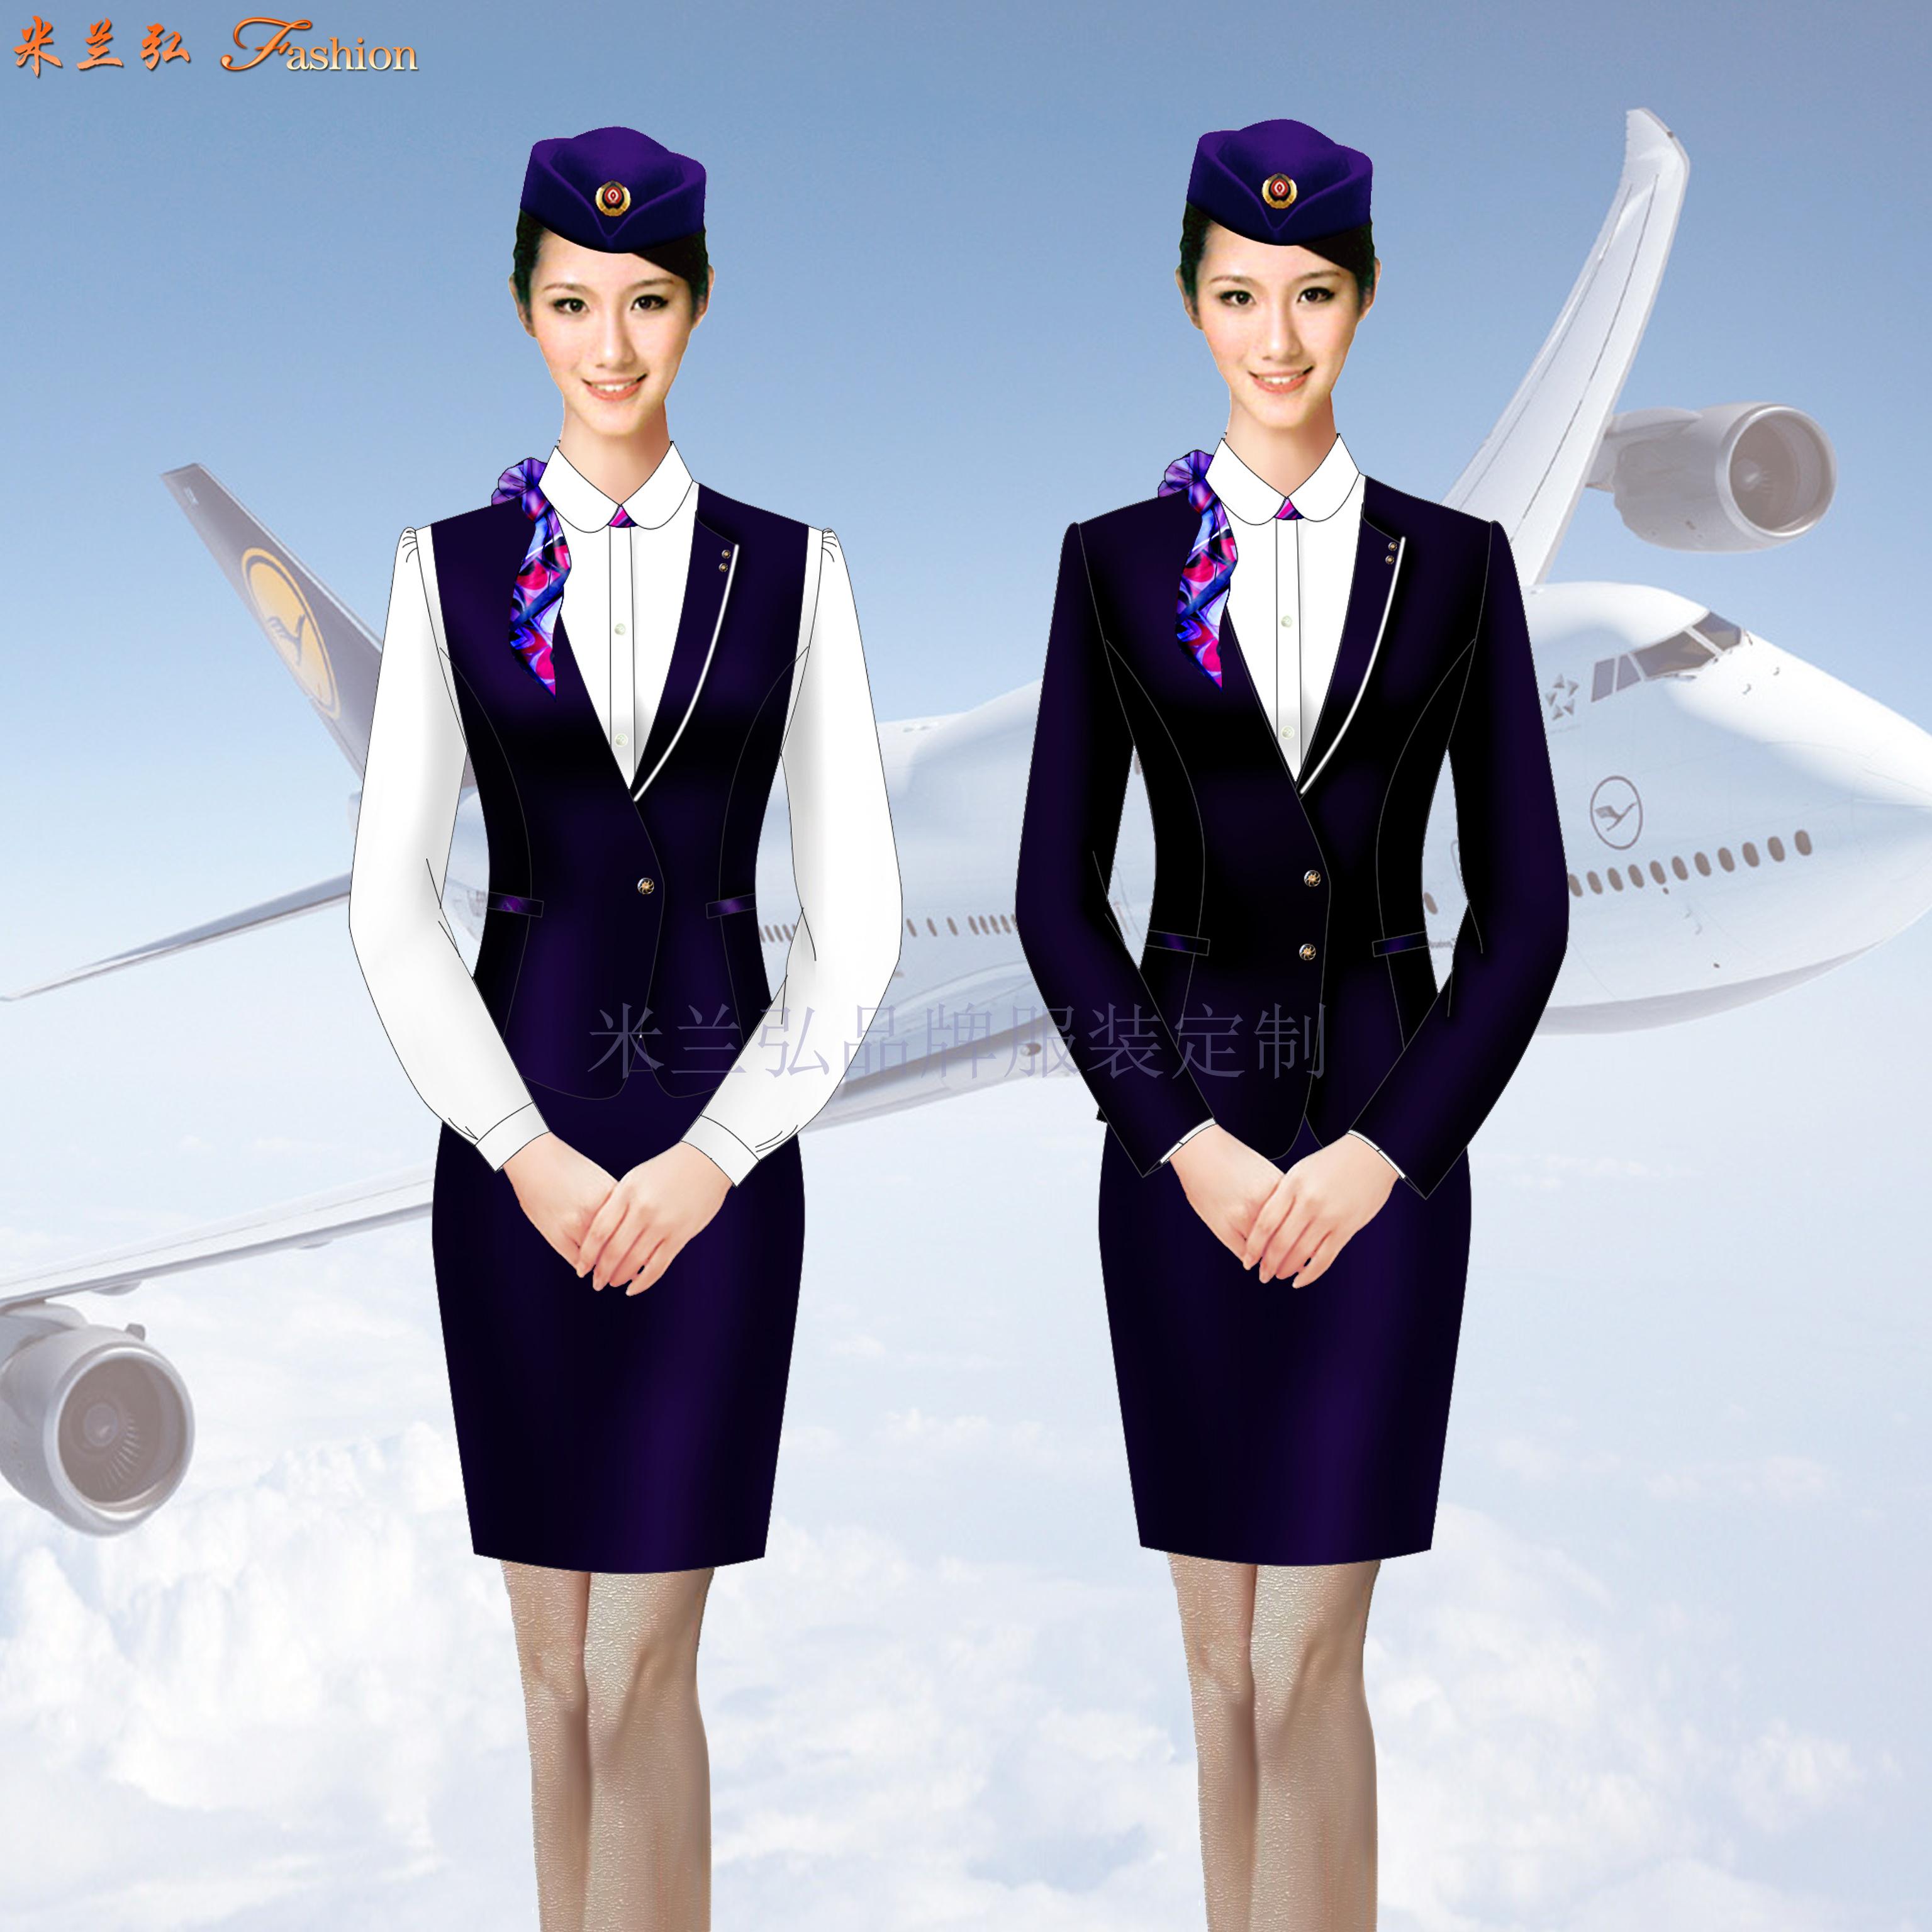 江西空姐服定制-空乘人員服裝圖片-米蘭弘服裝-3